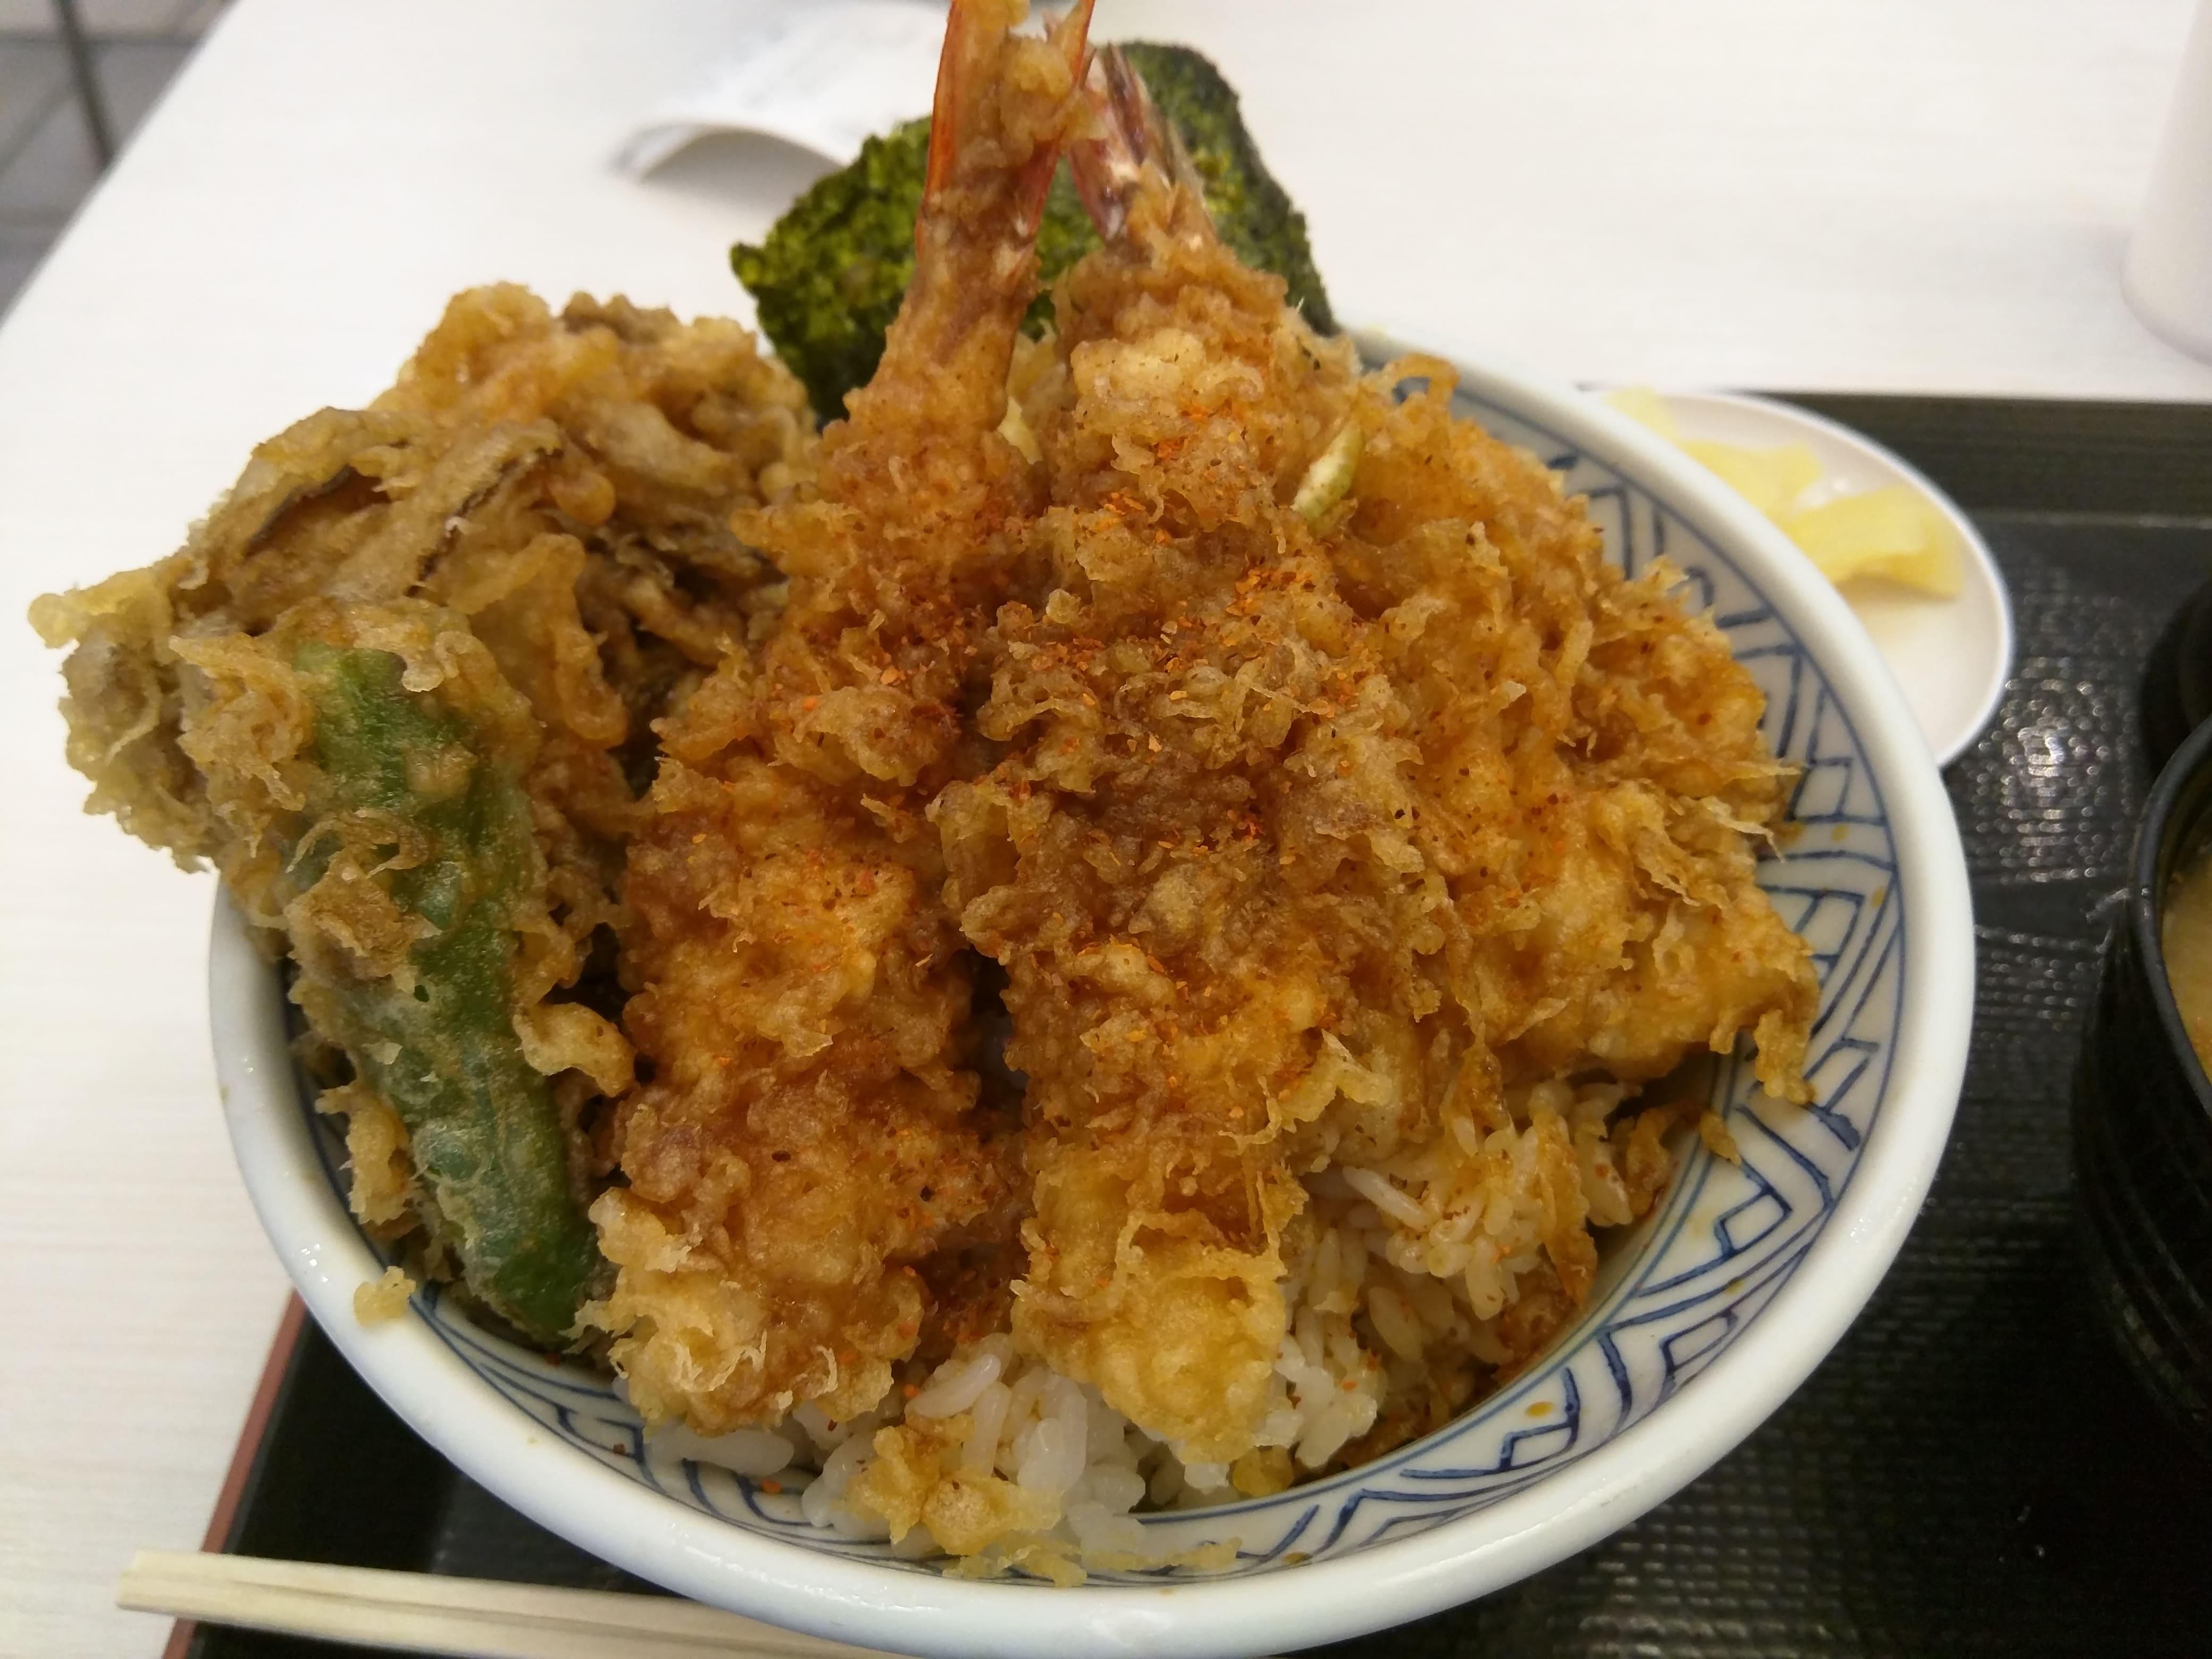 フードコートで食べる超行列店の天丼 ~ 川崎駅 金子半之助 川崎ラゾーナ店